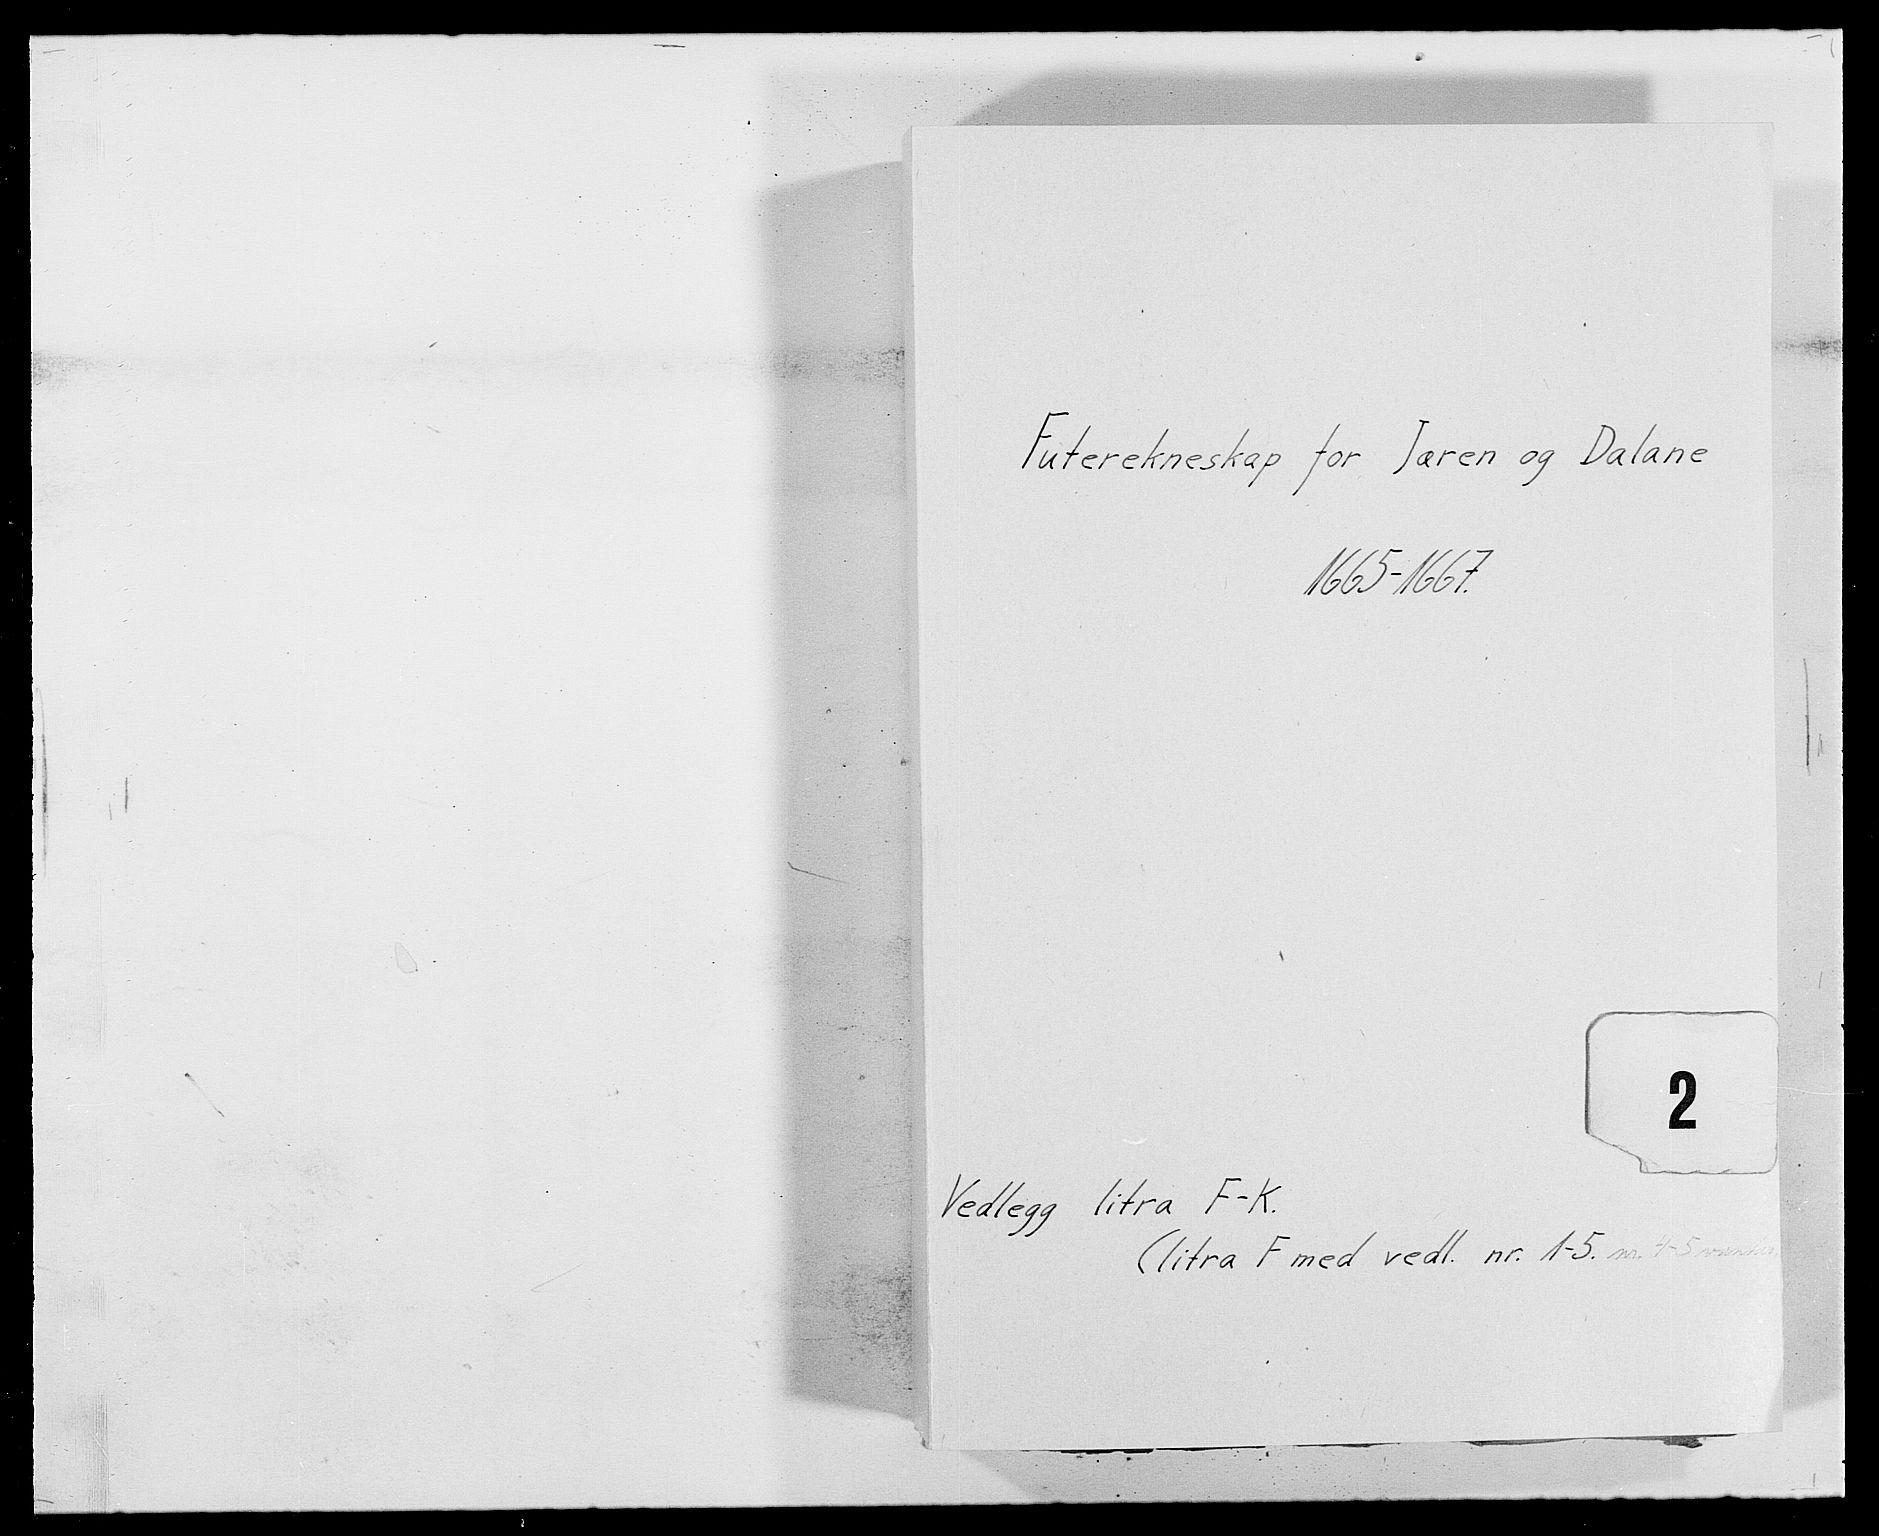 RA, Rentekammeret inntil 1814, Reviderte regnskaper, Fogderegnskap, R46/L2709: Fogderegnskap Jæren og Dalane, 1665-1667, s. 194